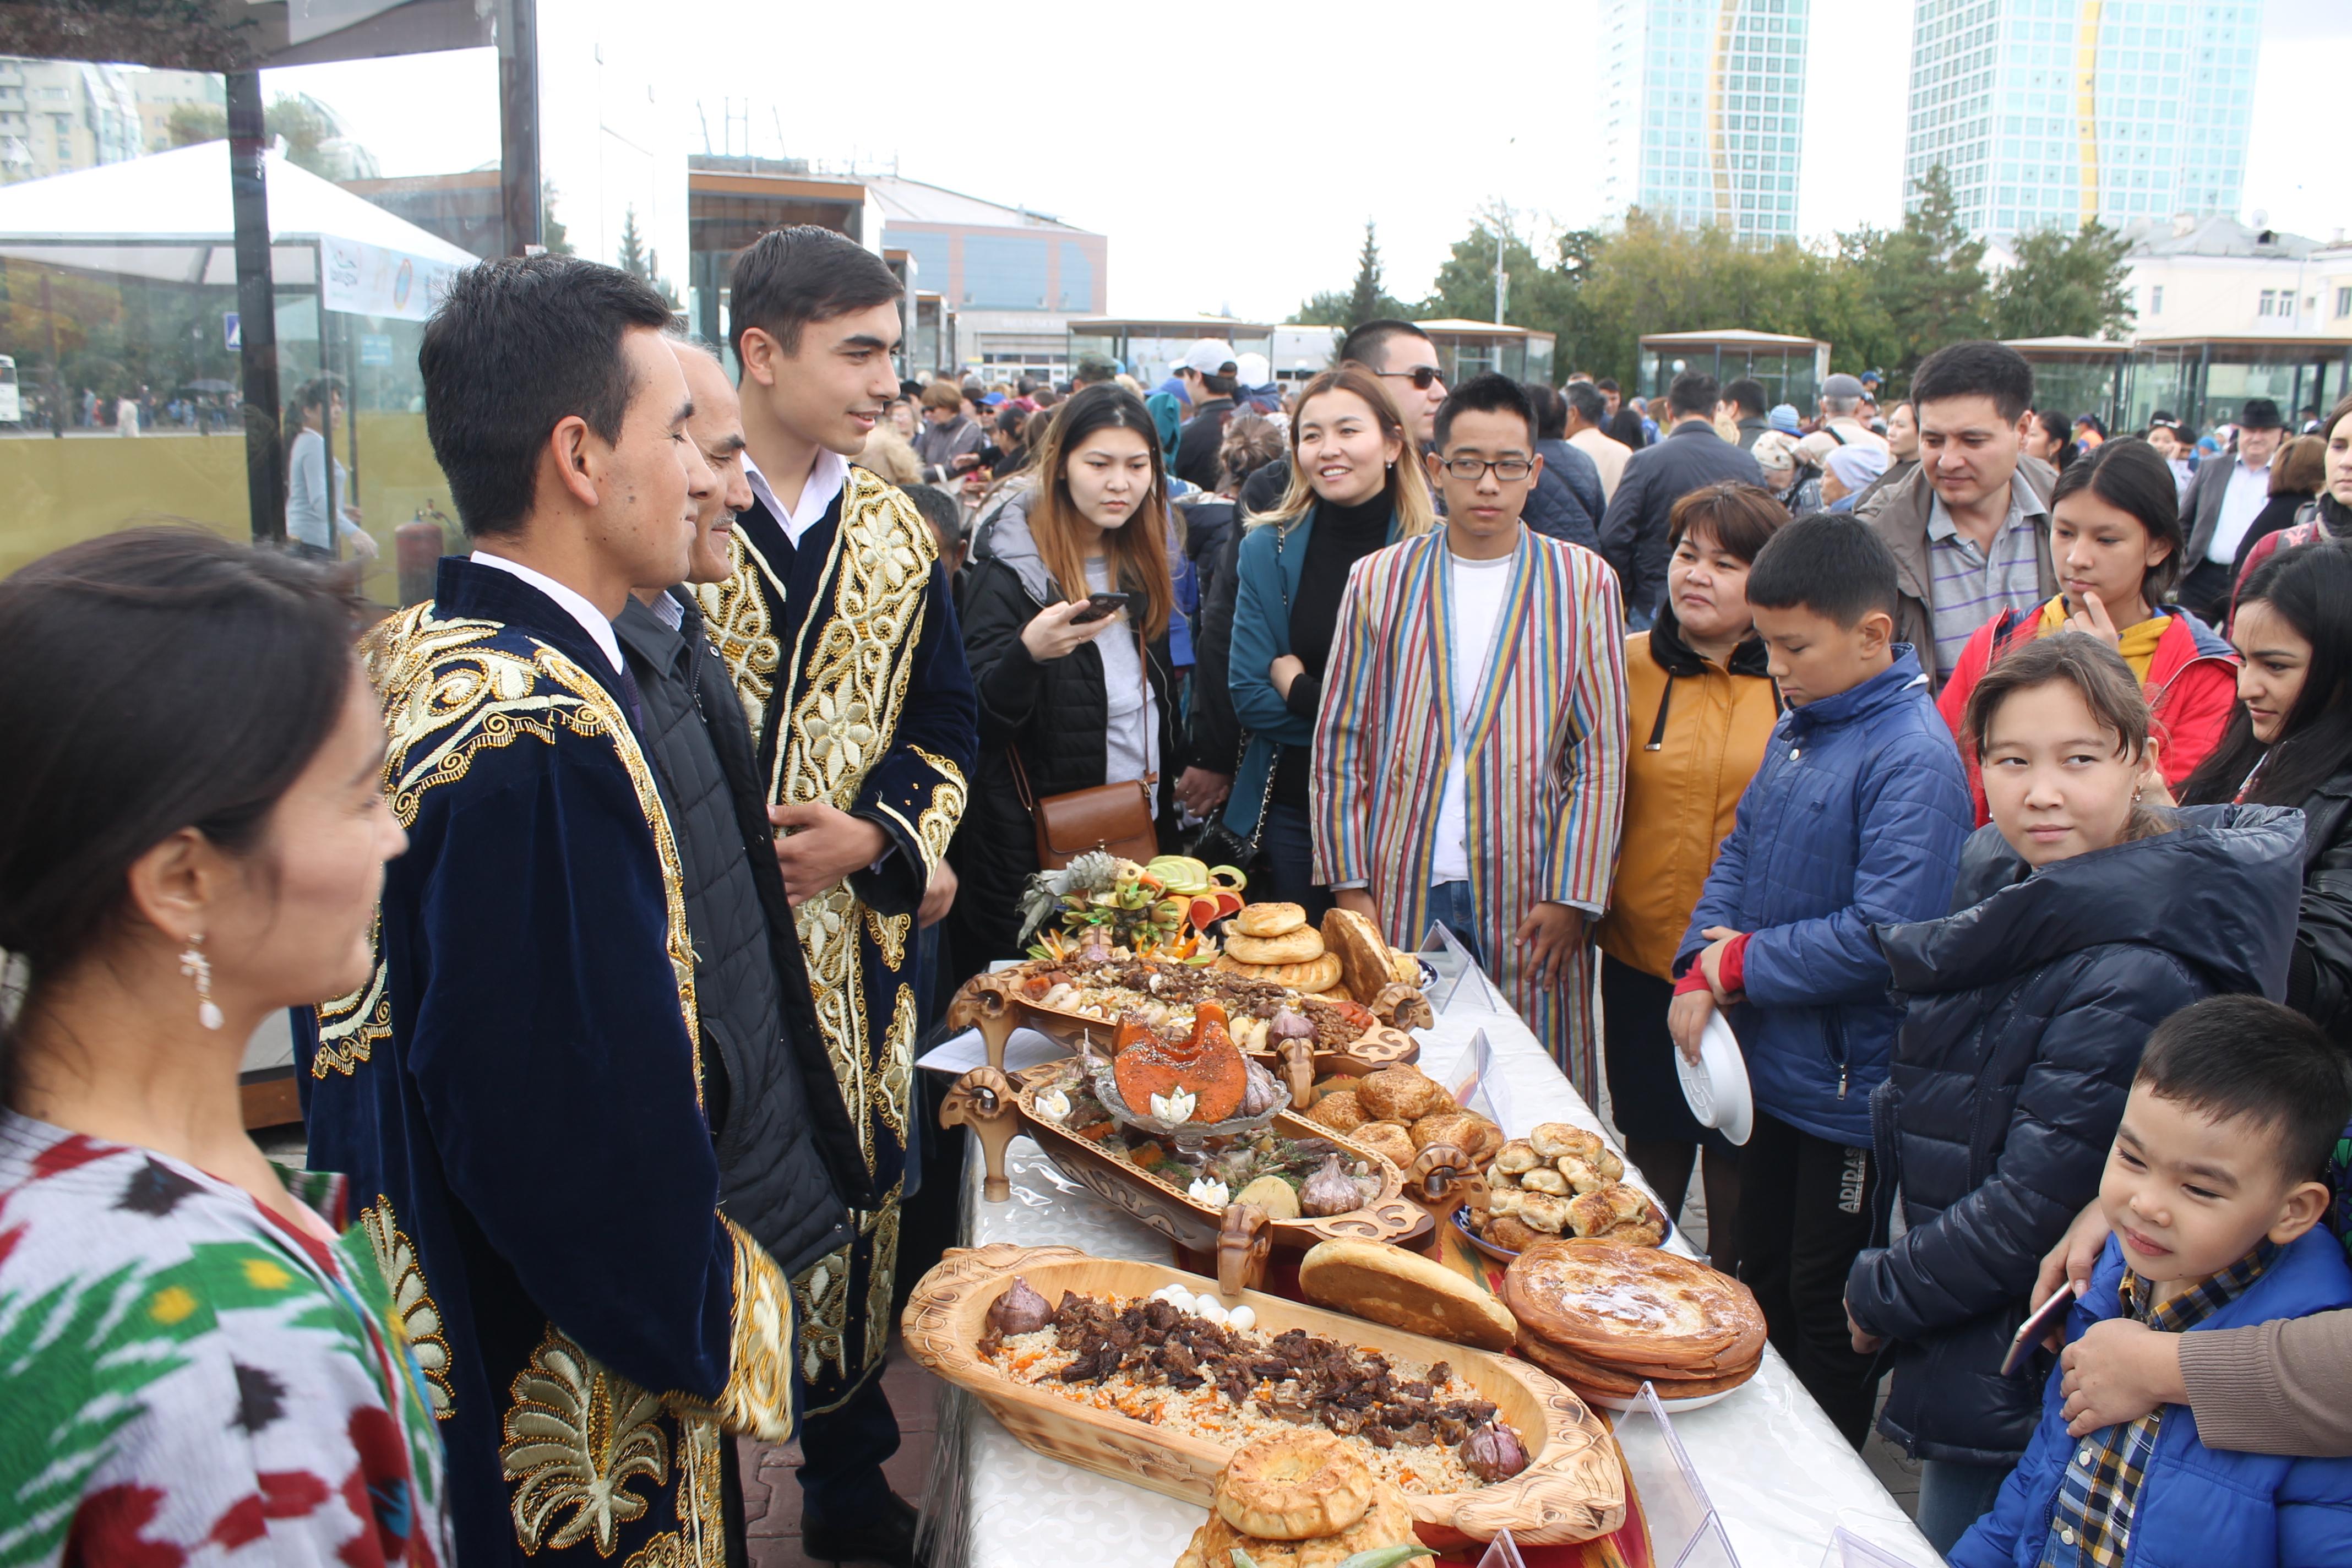 Отношения между Узбекистаном и Казахстаном вышли на новый этап развития благодаря новым автобусным маршрутам и авиарейсам